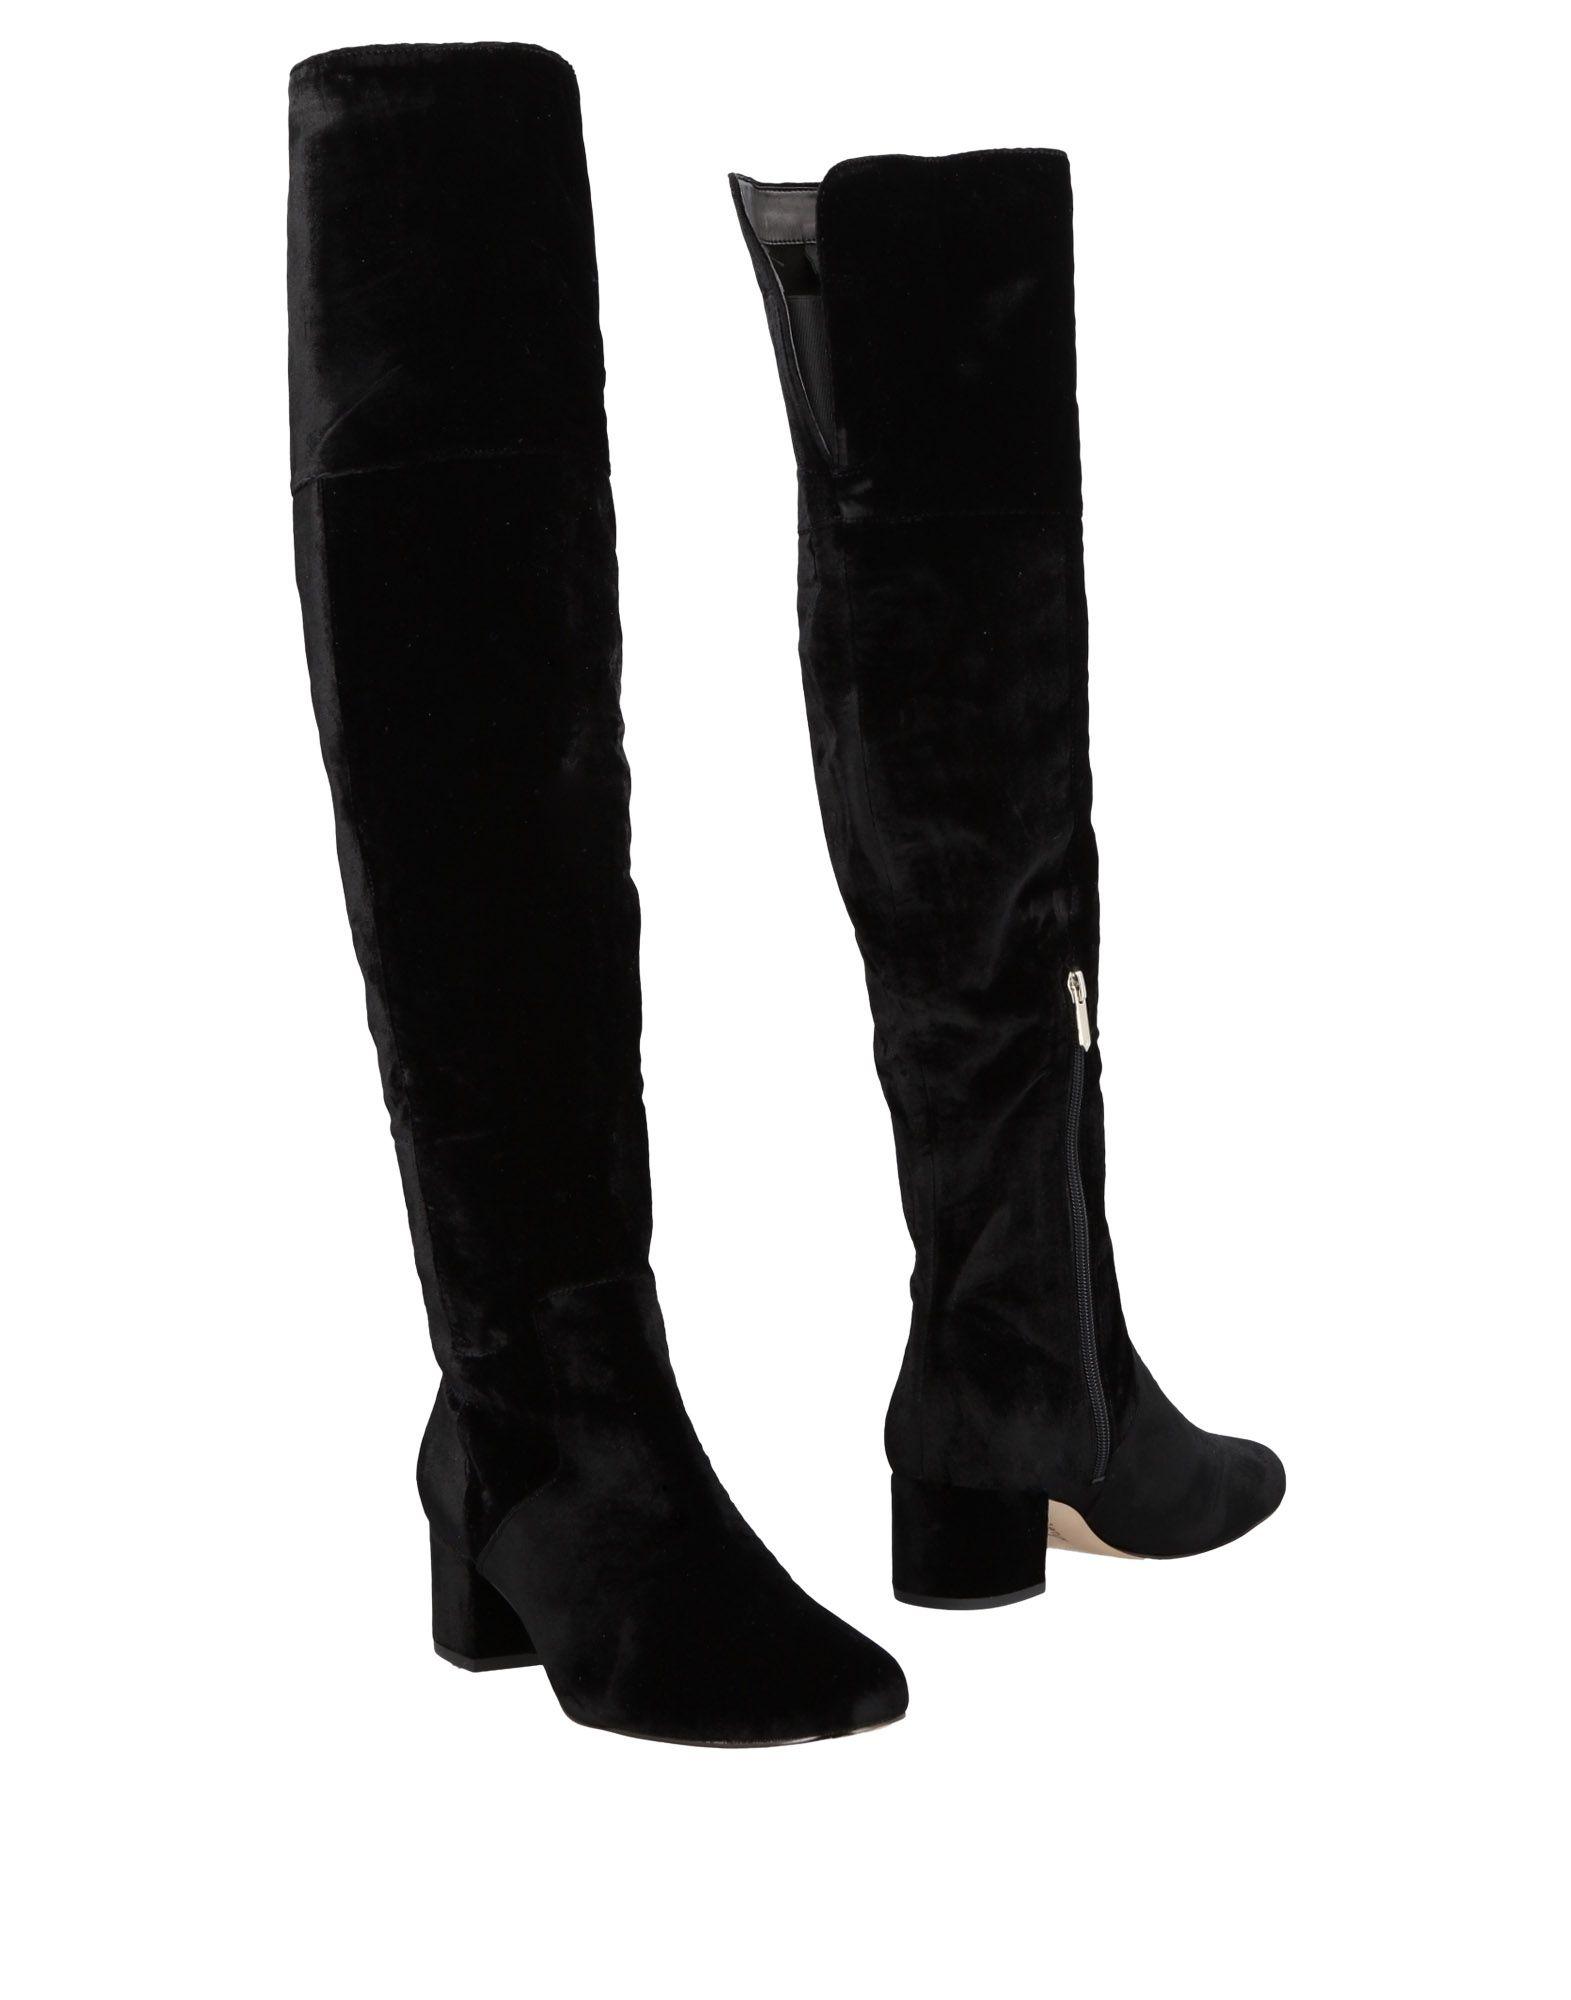 Sam Edelman Stiefel Damen  11480375KMGut aussehende strapazierfähige Schuhe